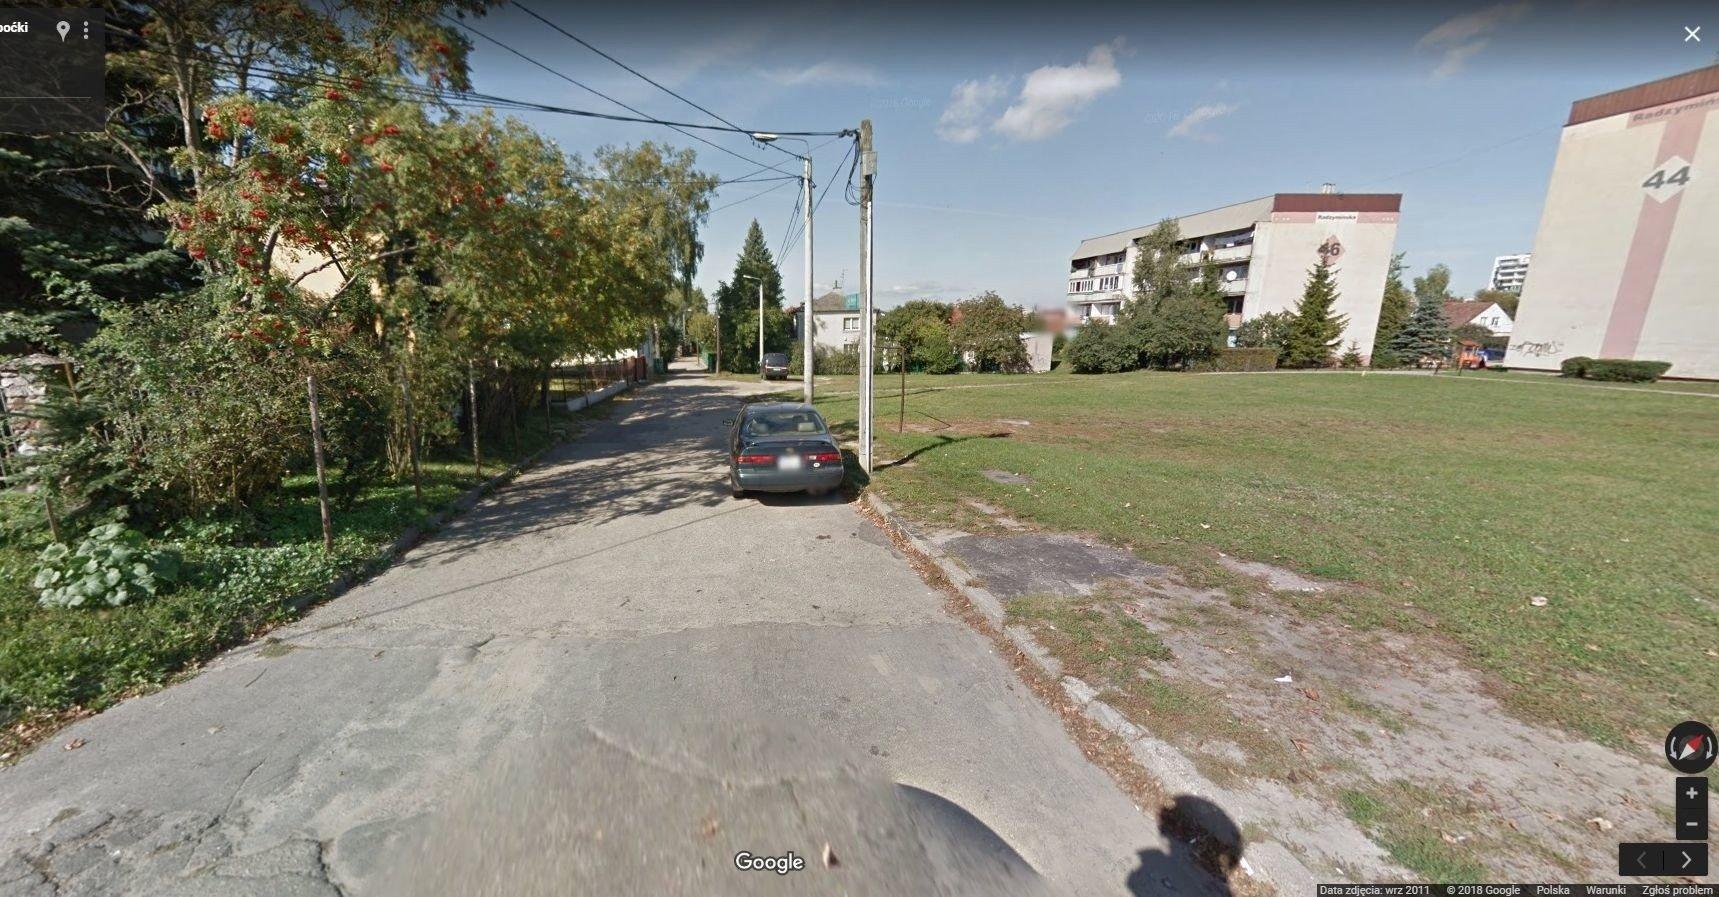 Bialystok W Google Street View Zaktualizowane Zdjecia Stolicy Woj